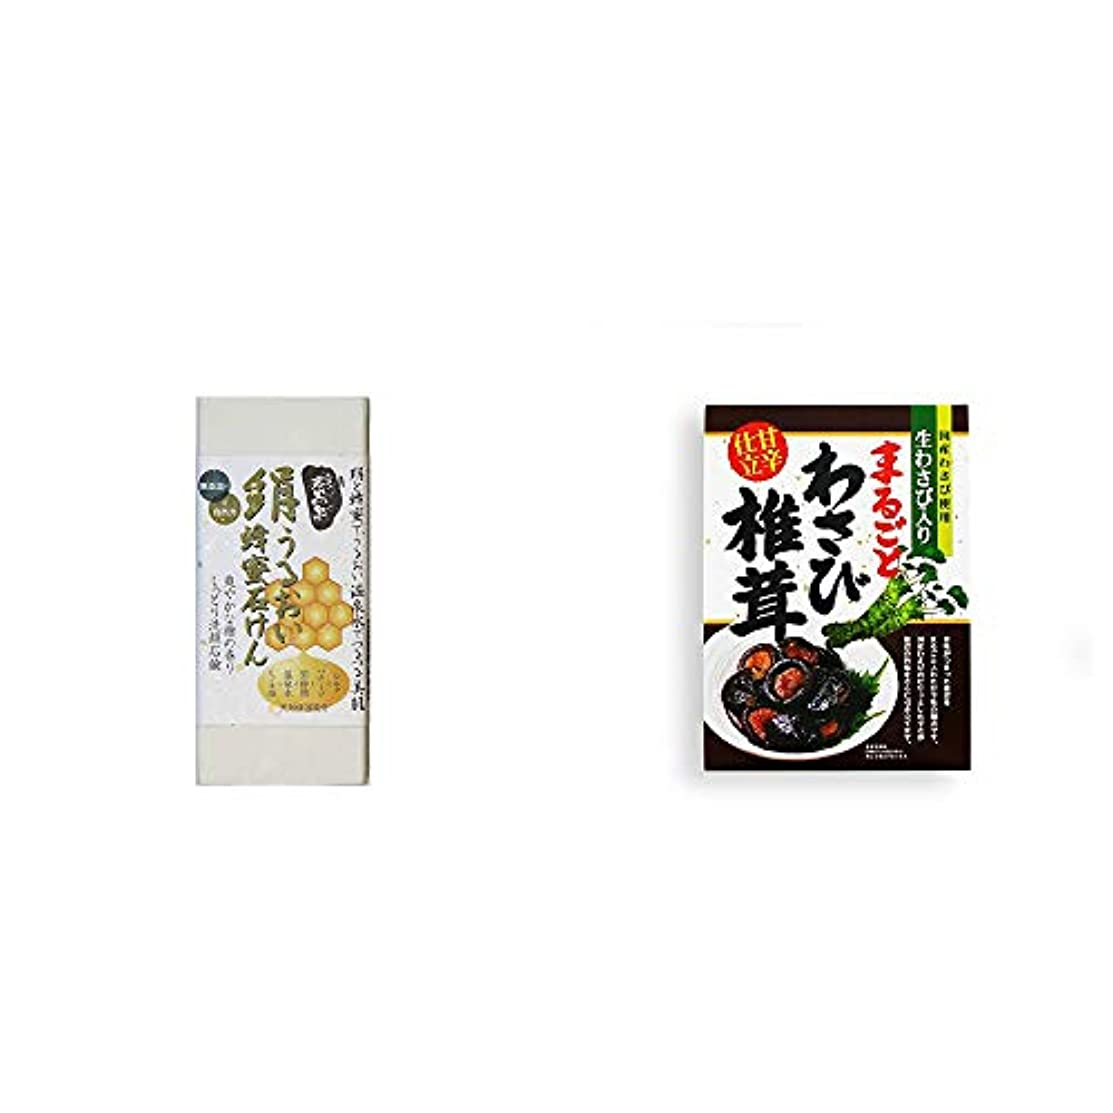 むしろ独立した準備ができて[2点セット] ひのき炭黒泉 絹うるおい蜂蜜石けん(75g×2)?まるごとわさび椎茸(200g)